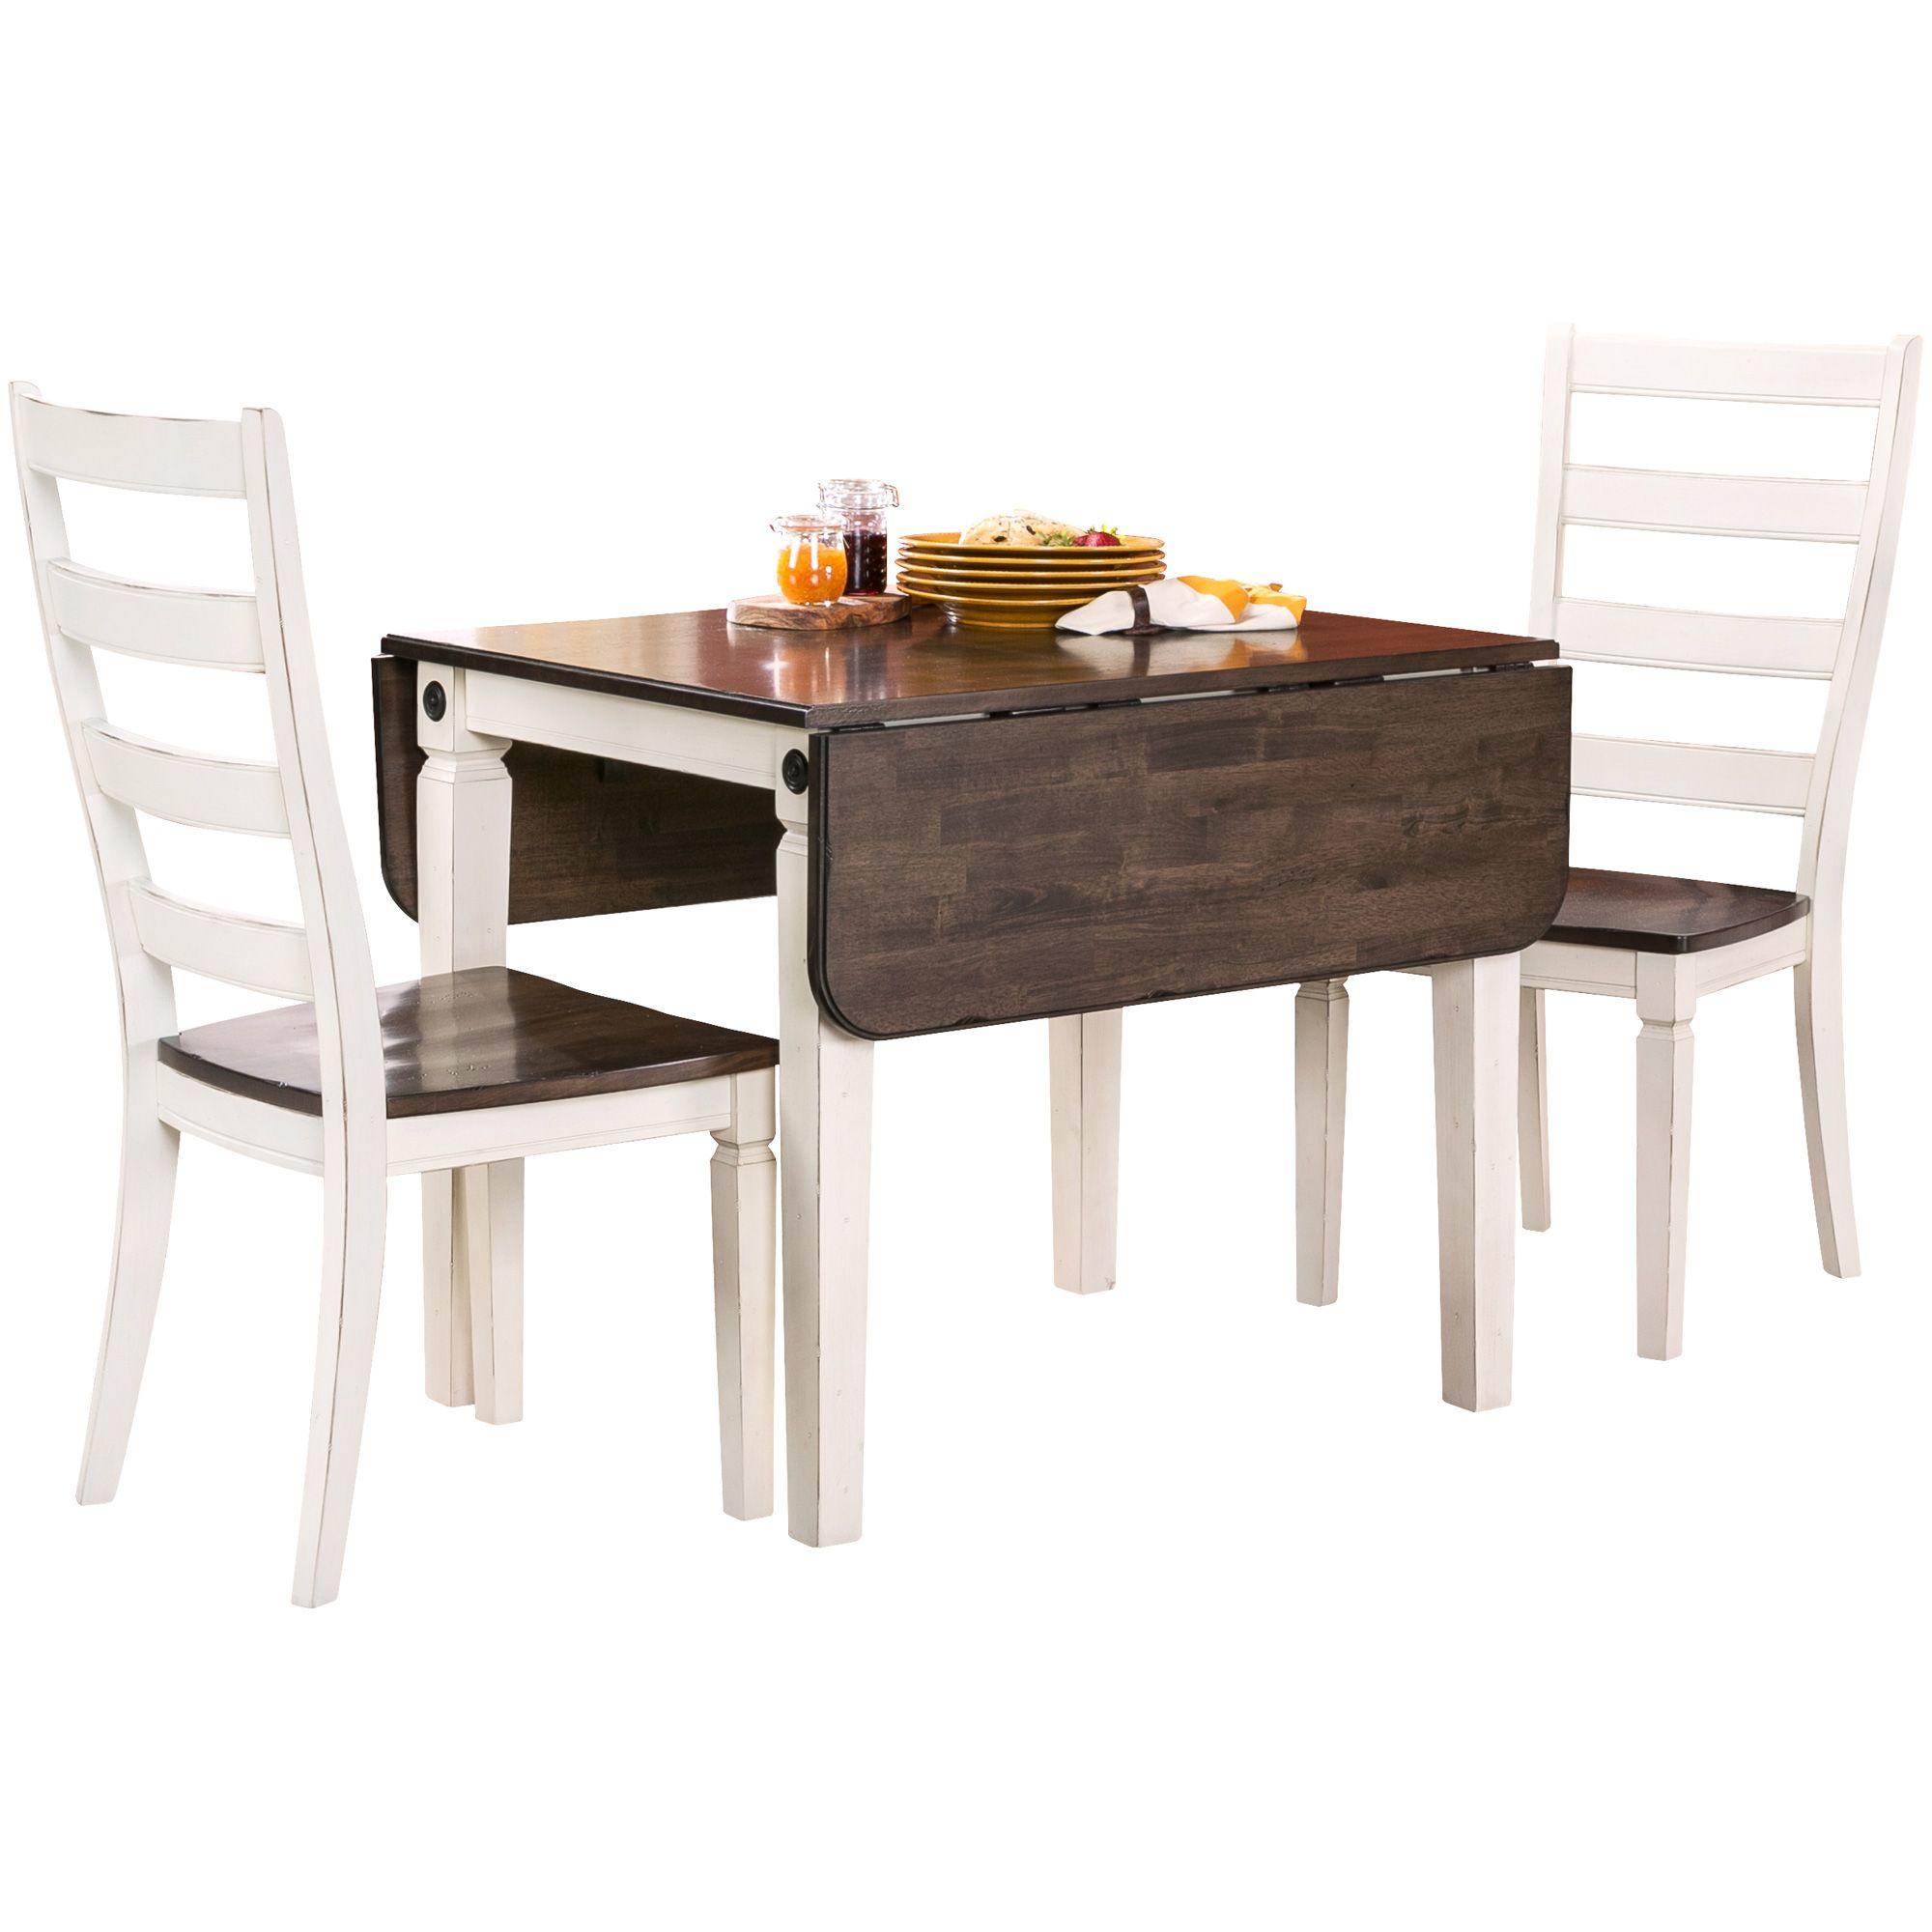 Glennwood 3 Piece Antique White Dining Set White Dining Set Dining Table Chairs 3 Piece Dining Set